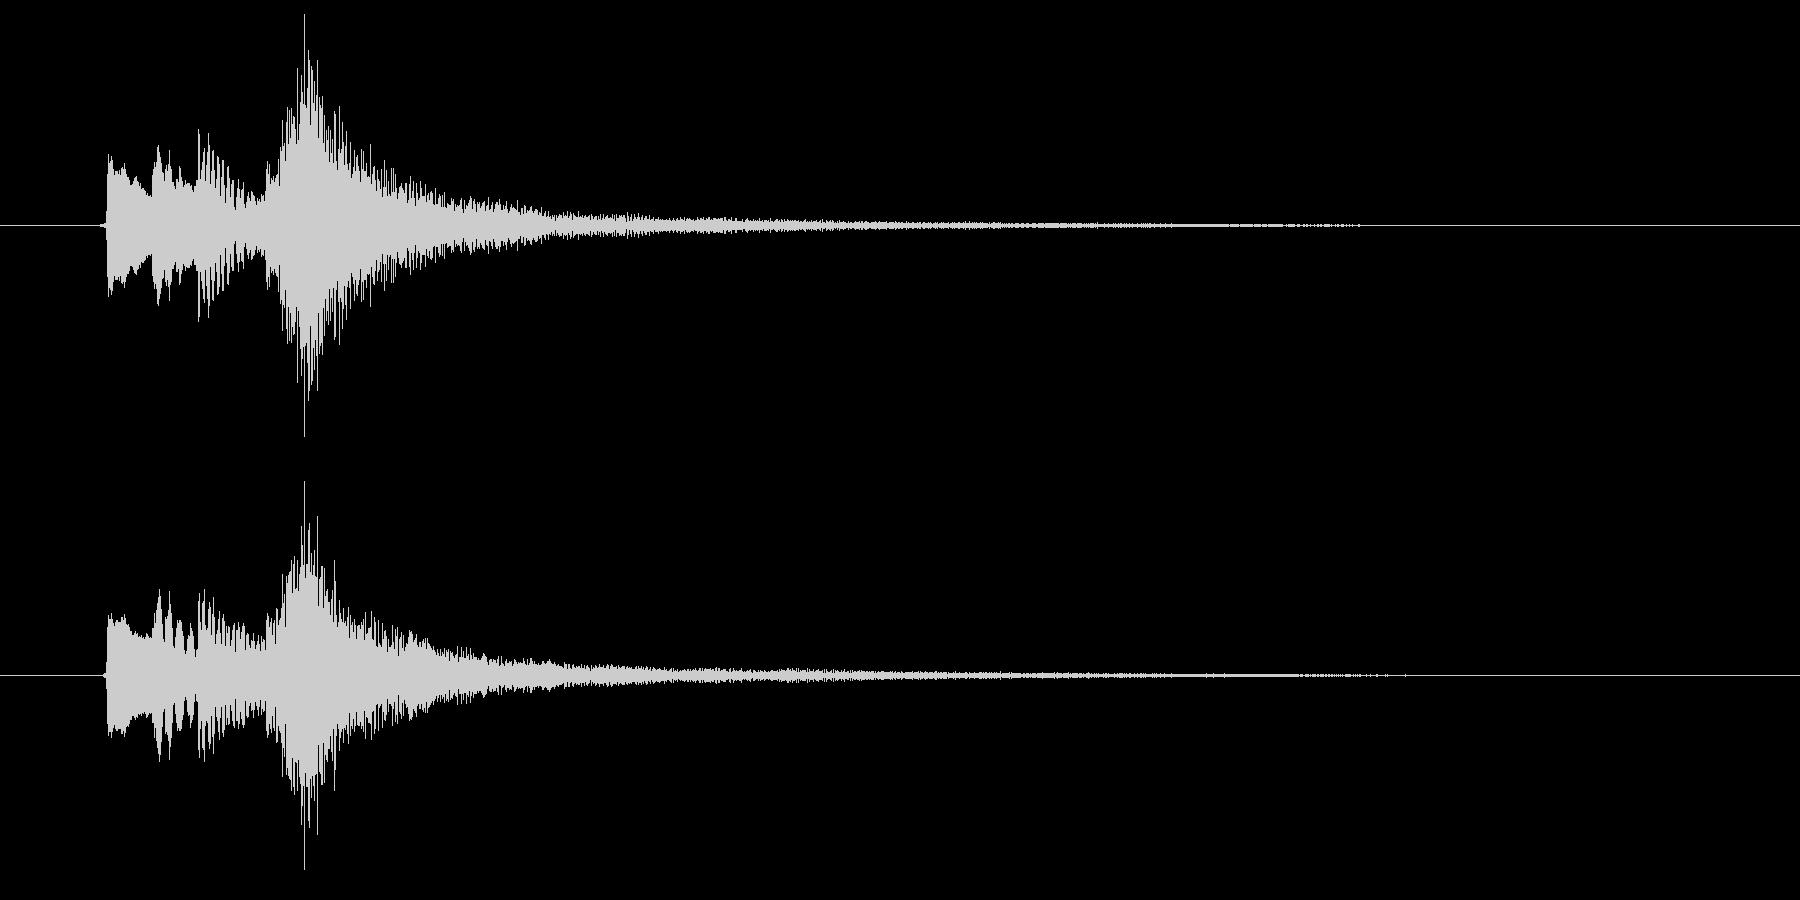 8秒のピアノの寂しげなサウンドロゴの未再生の波形